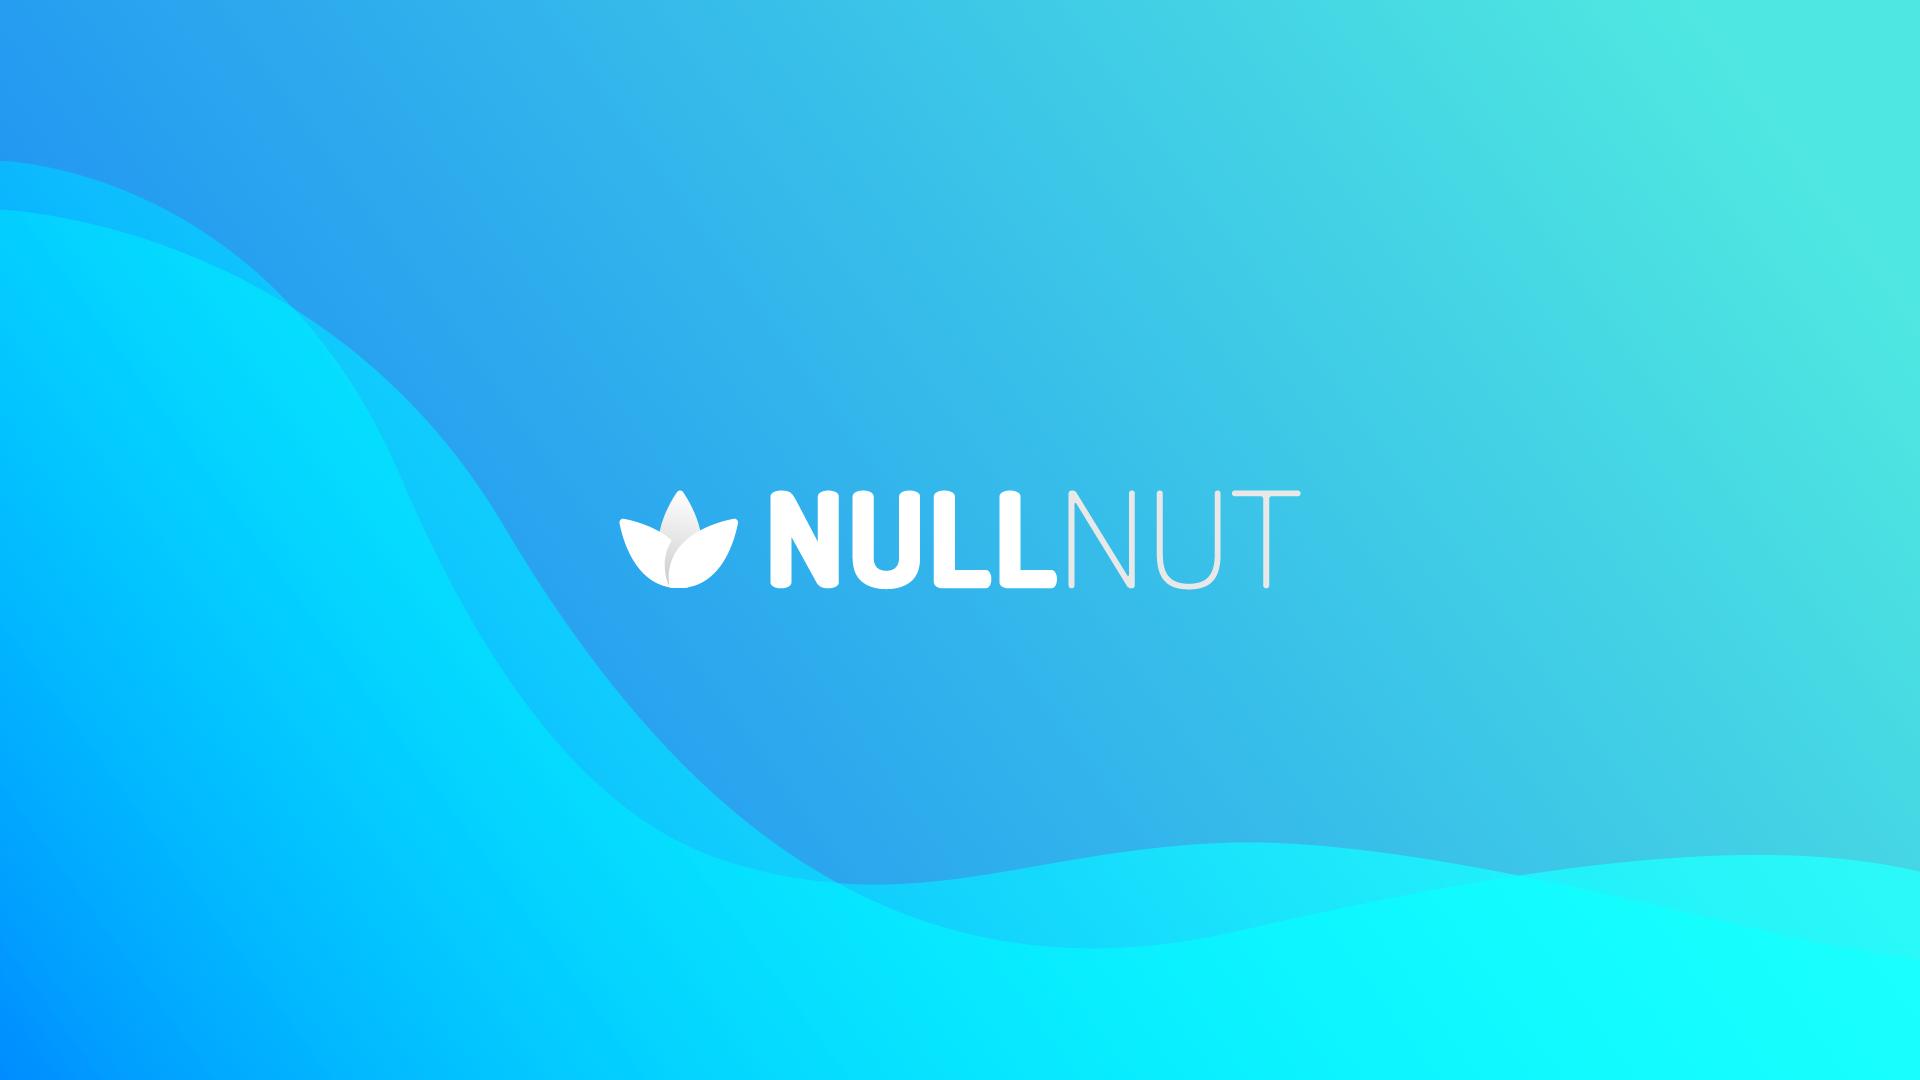 NULLNUT